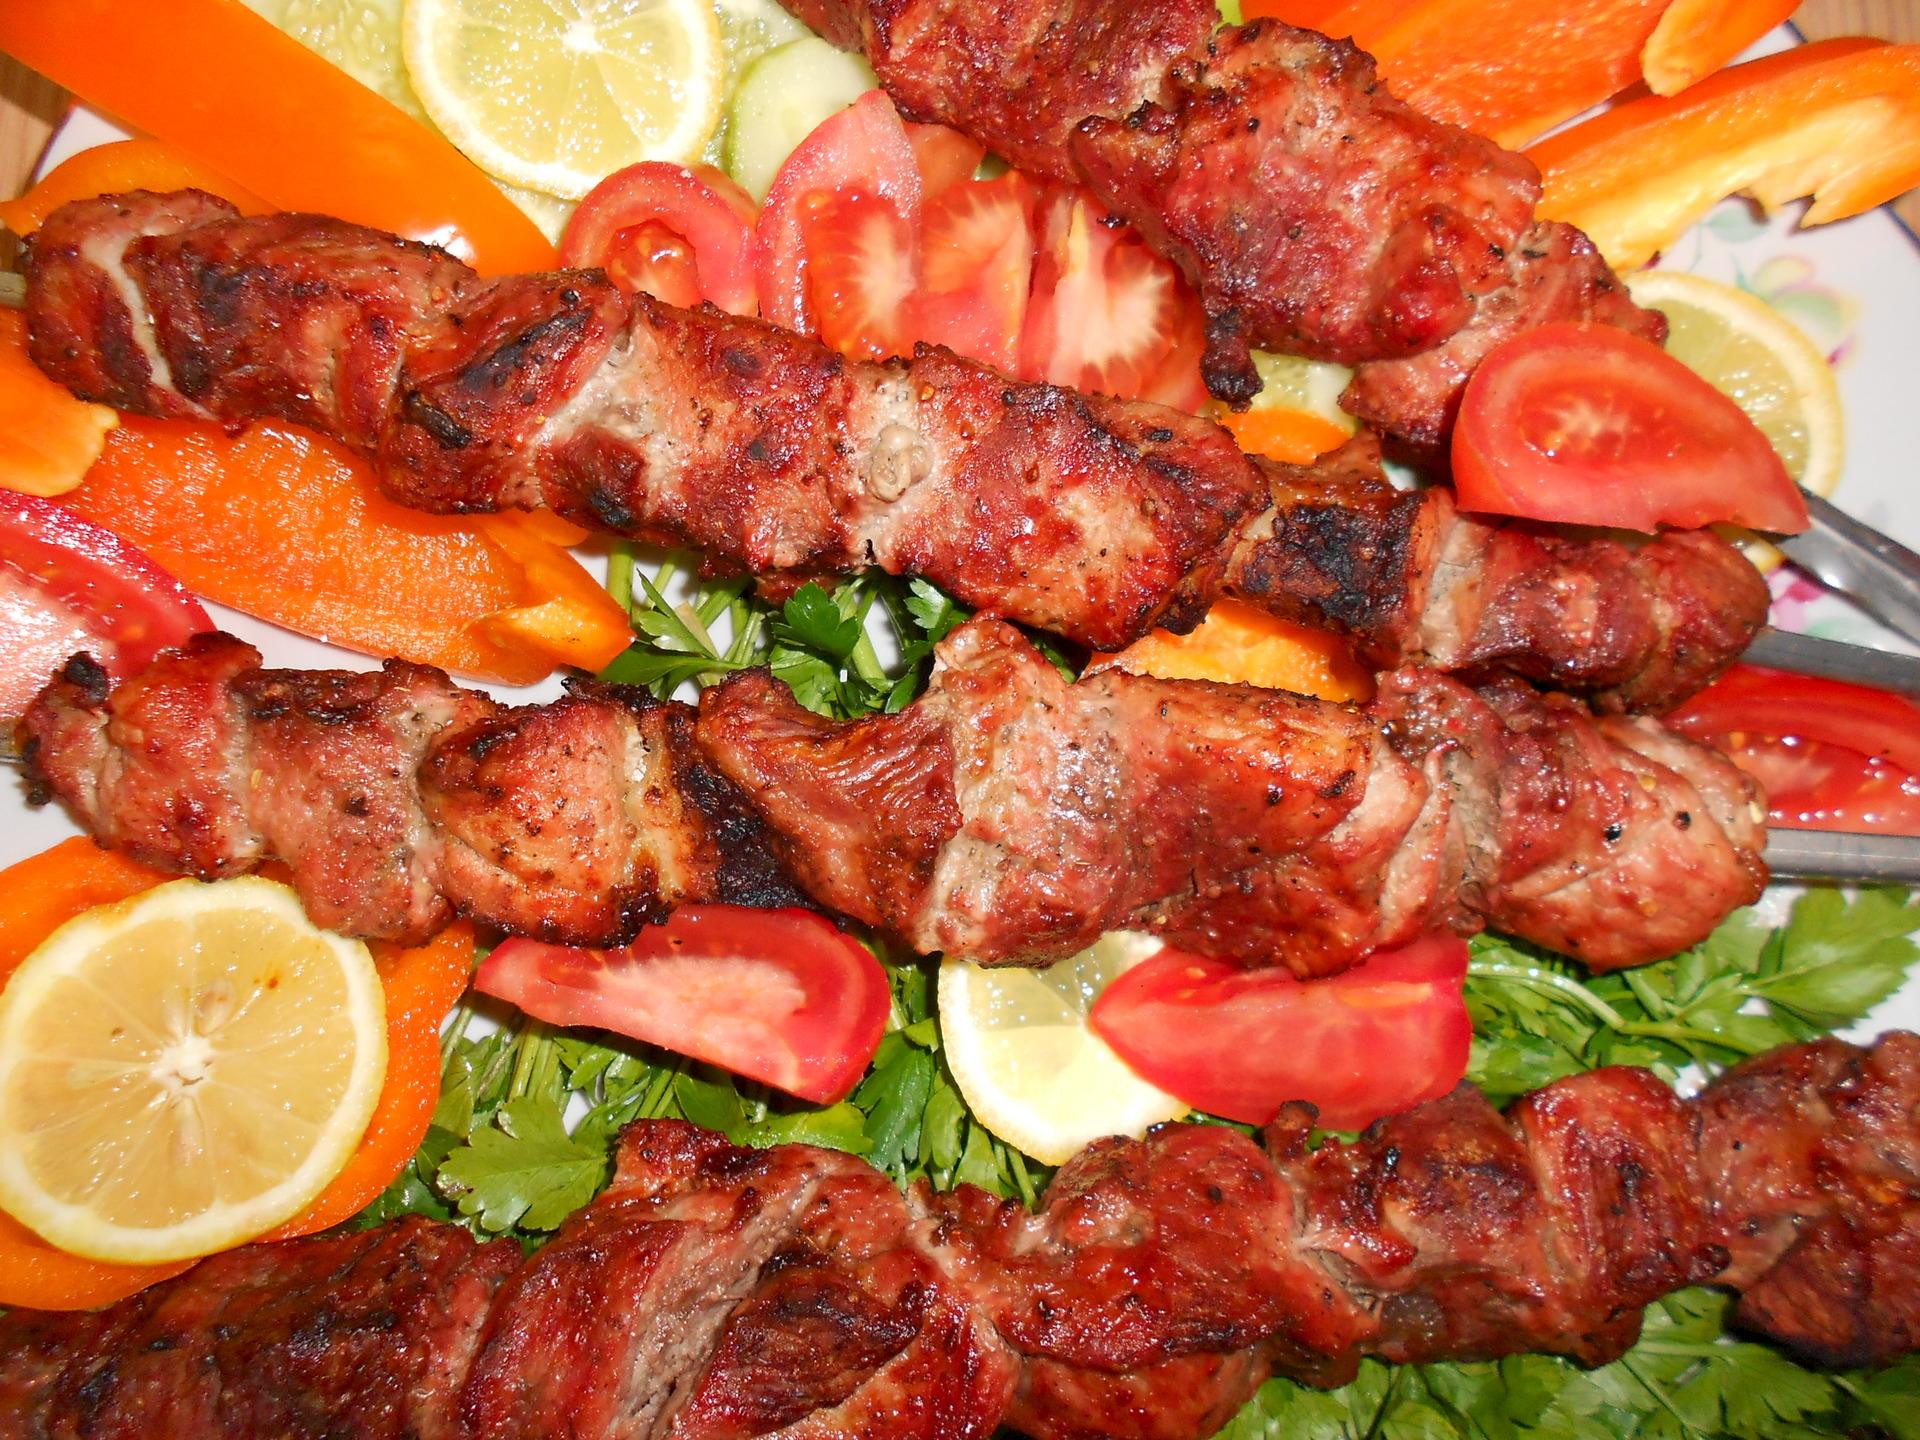 Армянский шашлык из баранины пошаговый рецепт